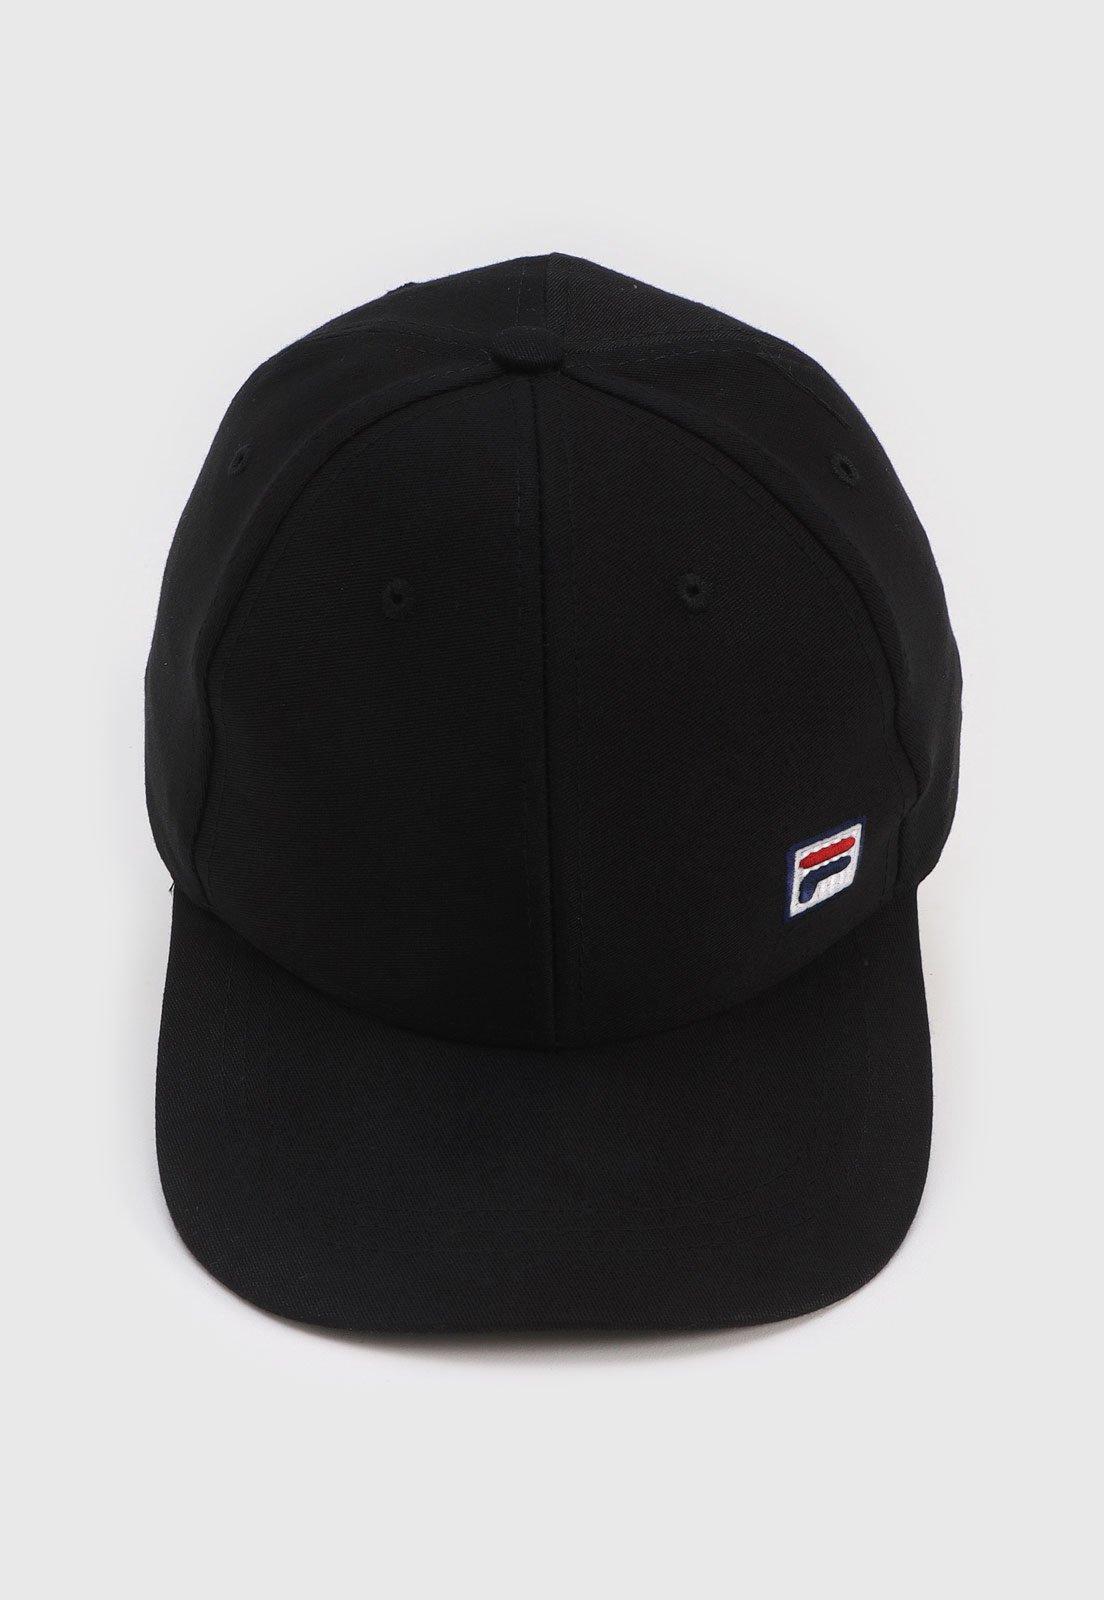 Boné Fila Strapback Icon Preto - Compre Agora  8cd01784f99